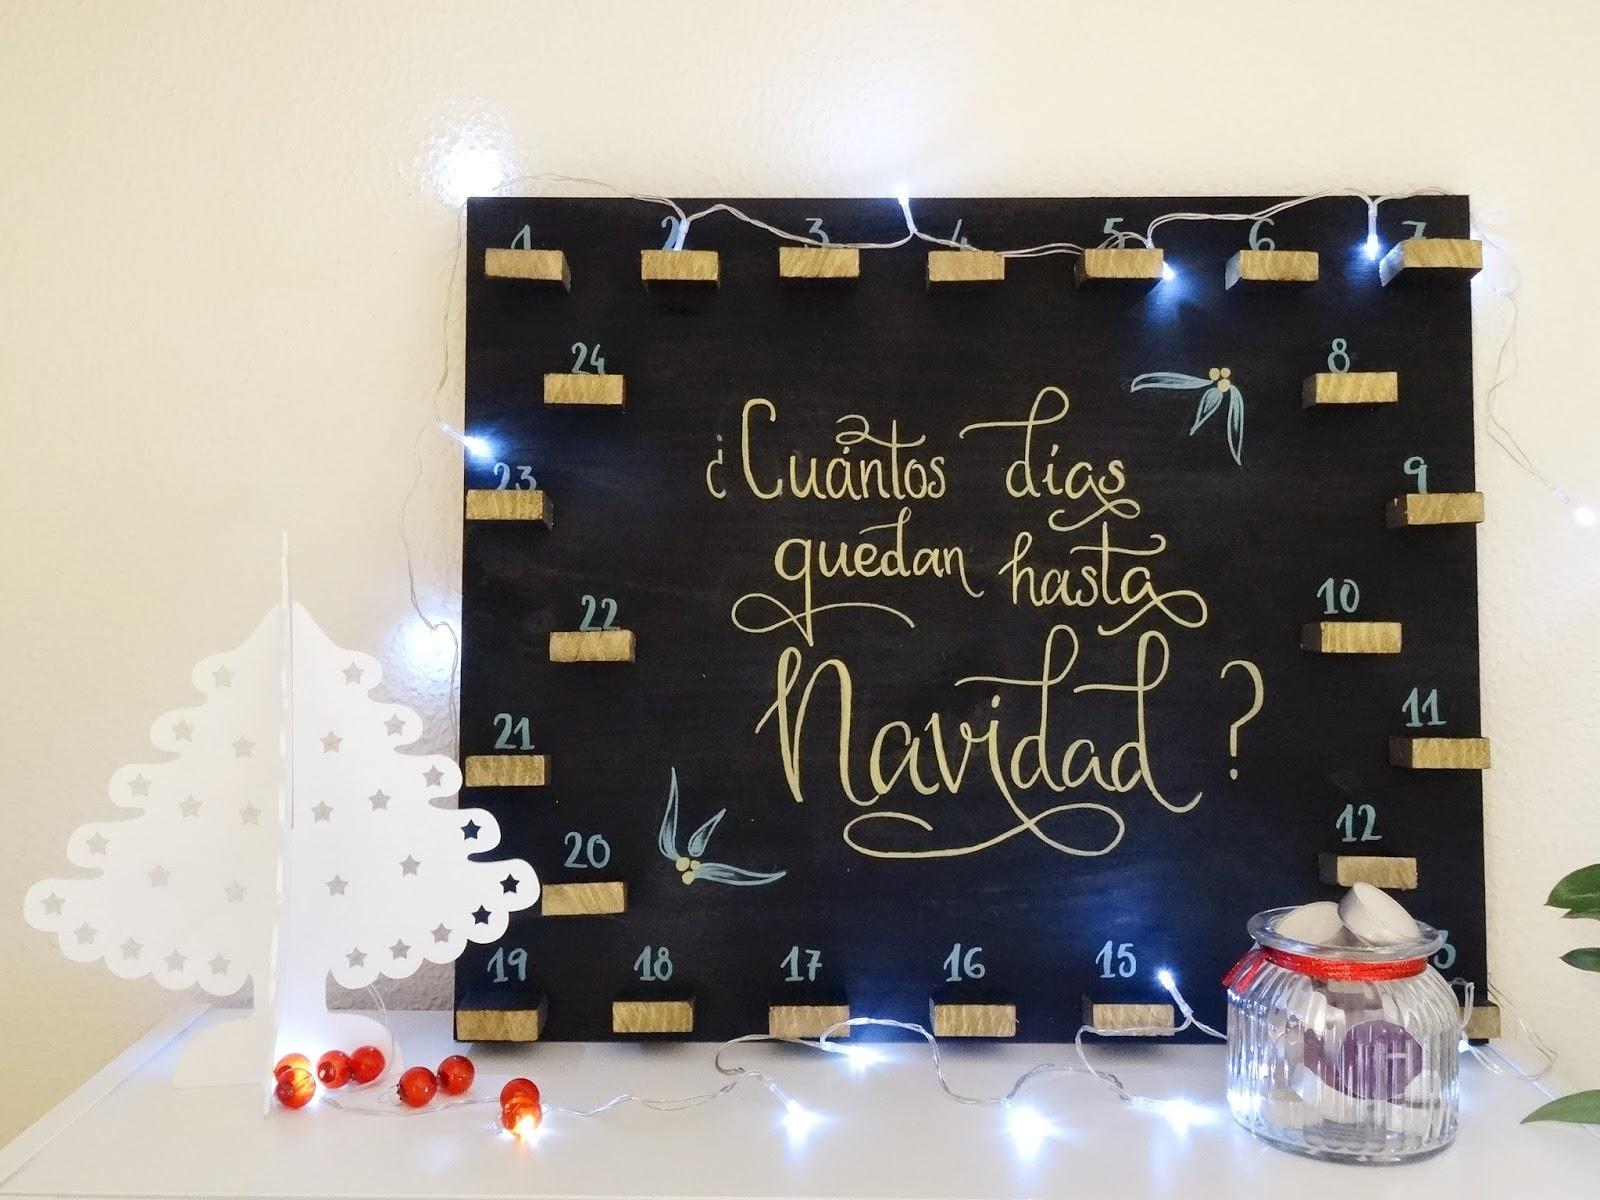 Diy calendario de adviento handbox craft lovers - Calendario de adviento diy ...